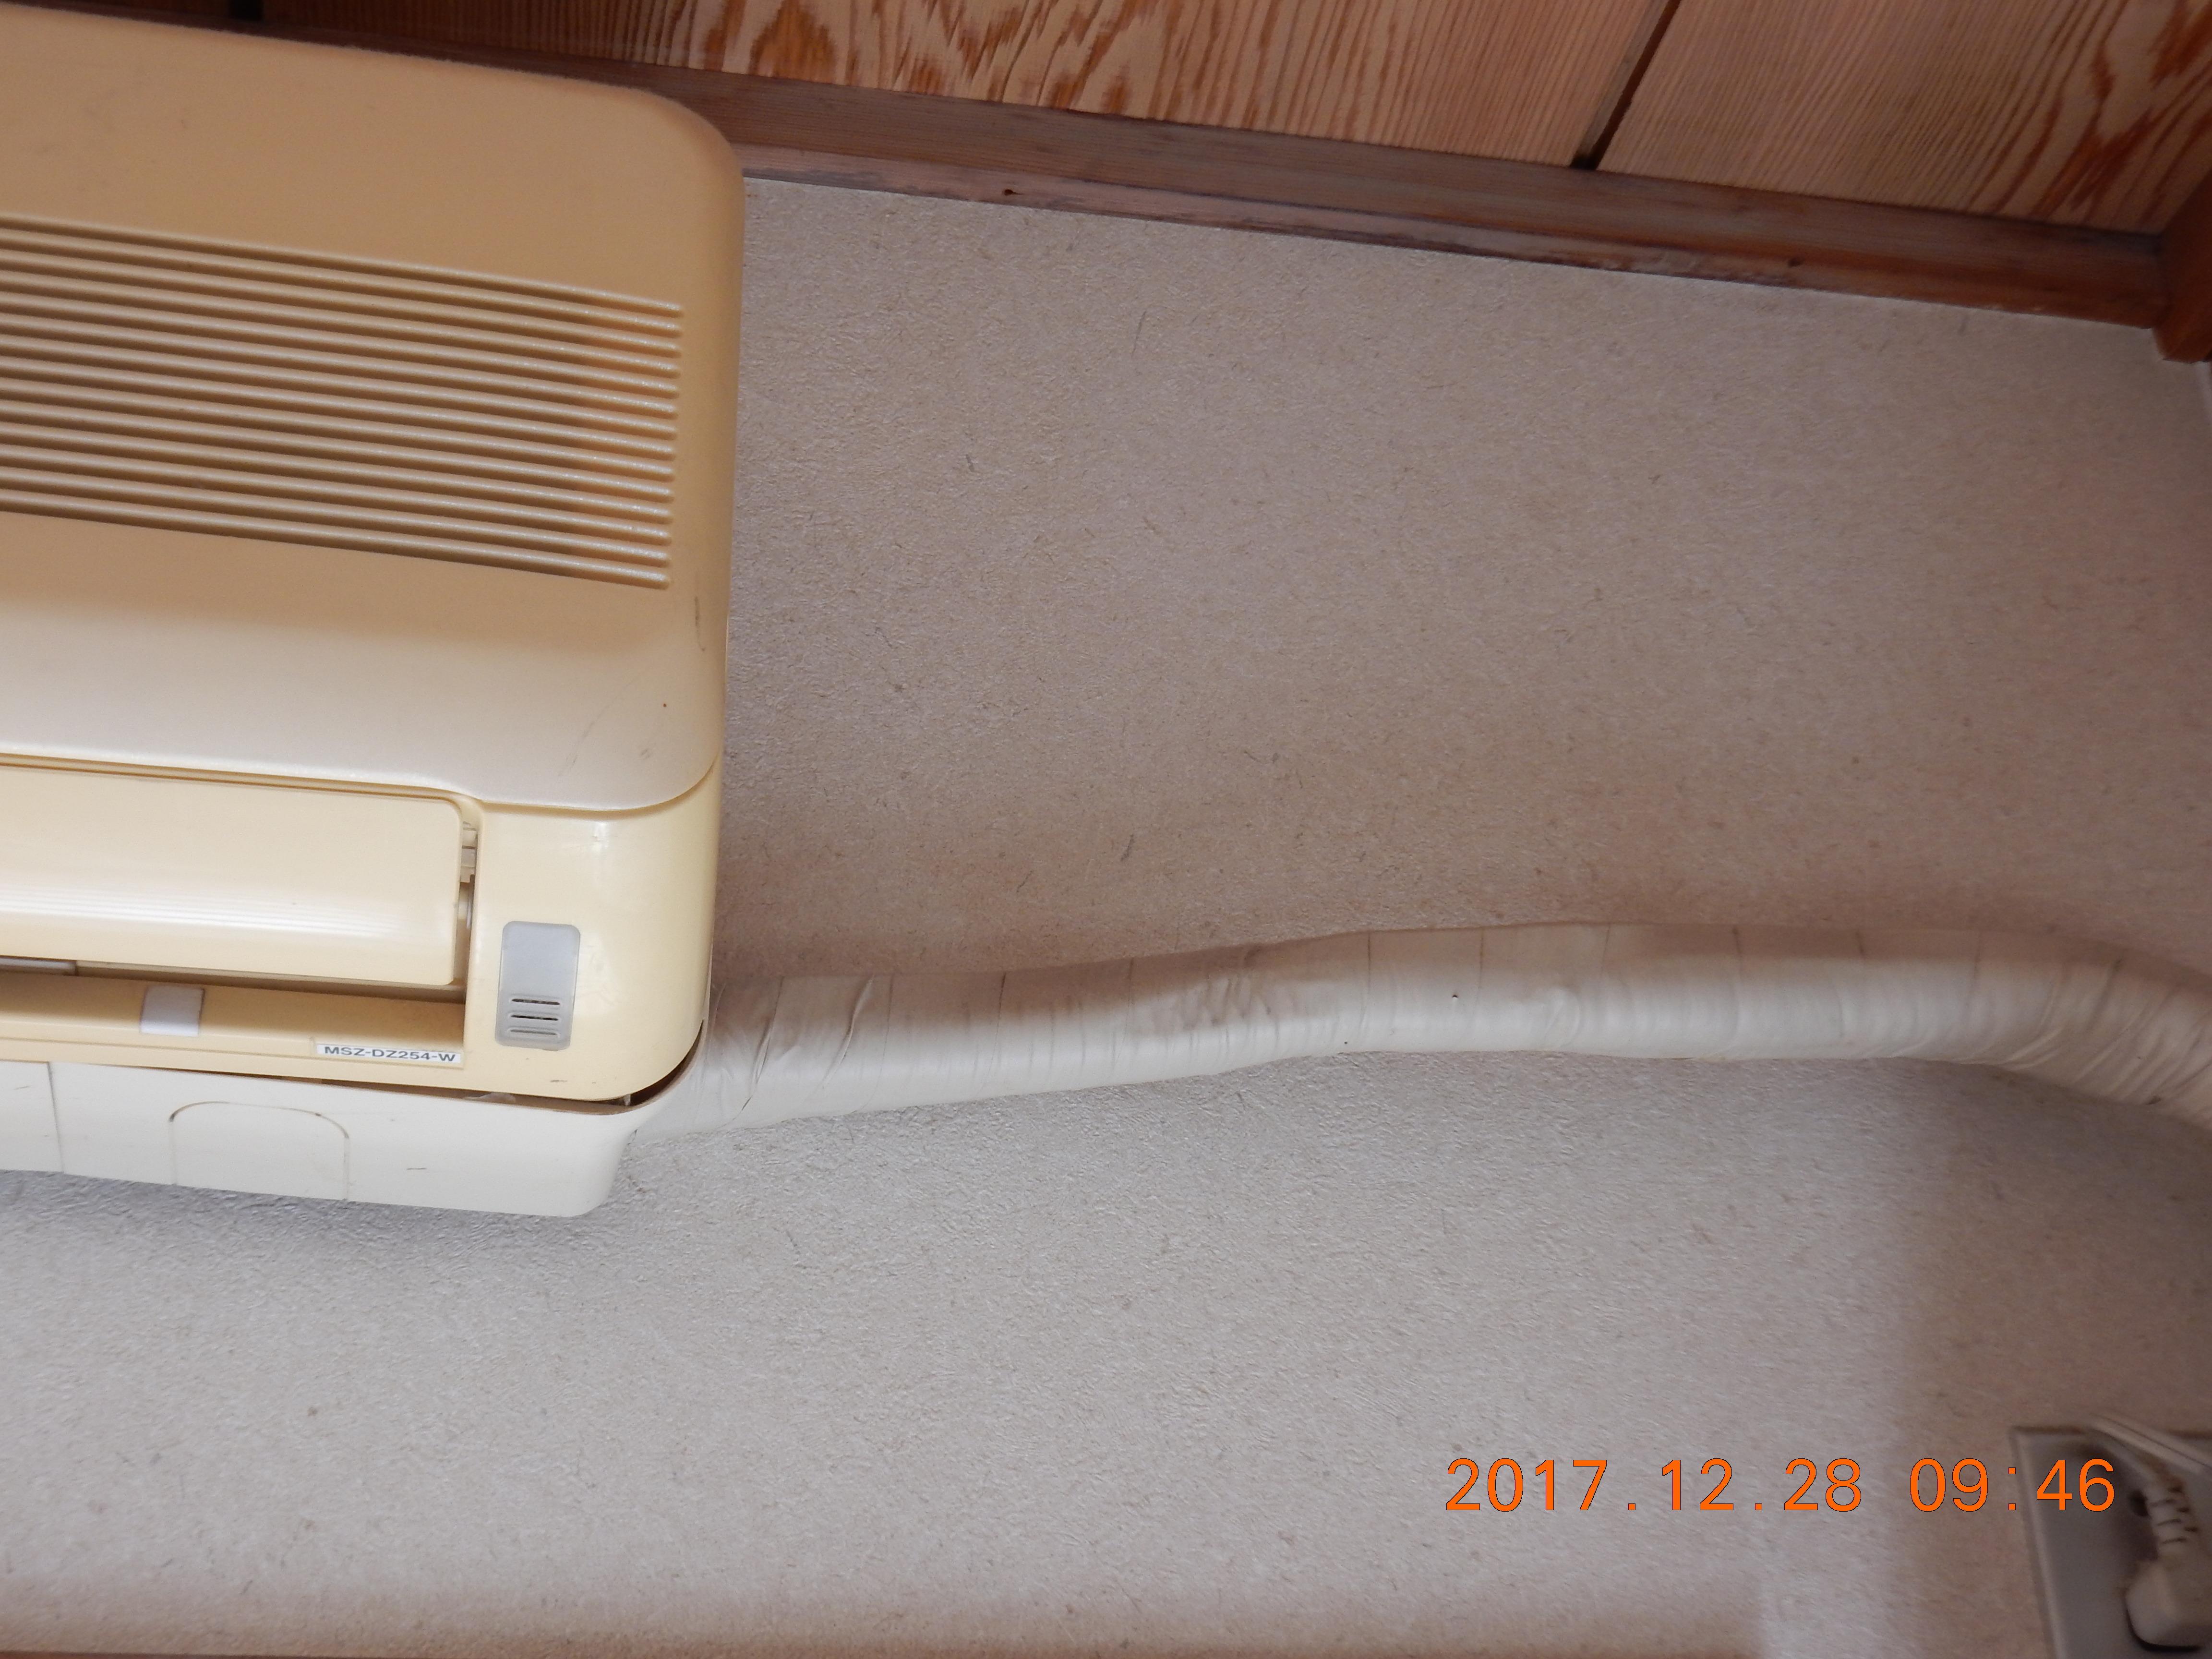 エアコン室内機に付けた化粧テープ